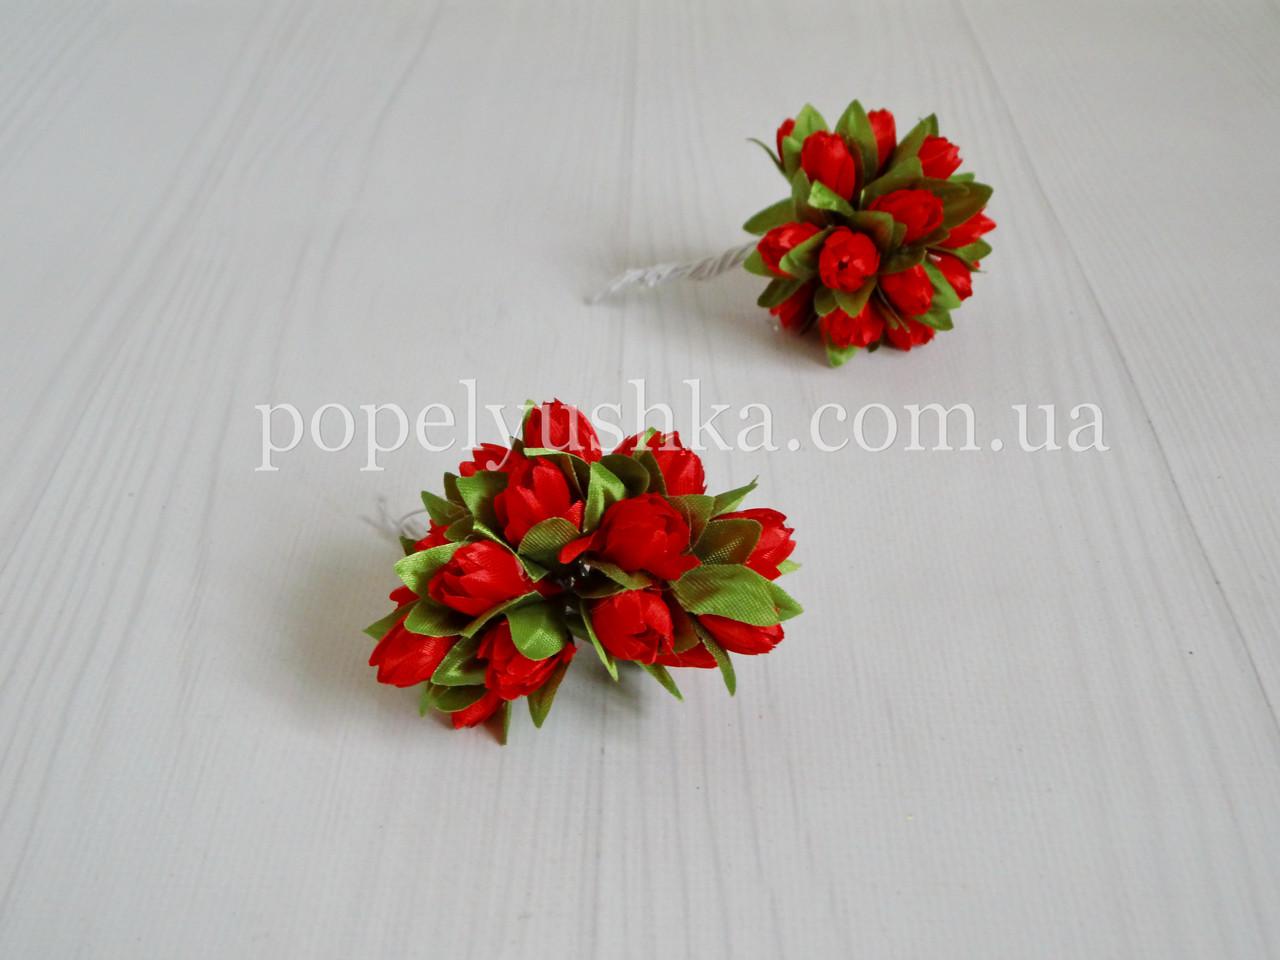 """Бутоньєрка """"Підсніжник""""  2 см червона (10 квіточок)"""